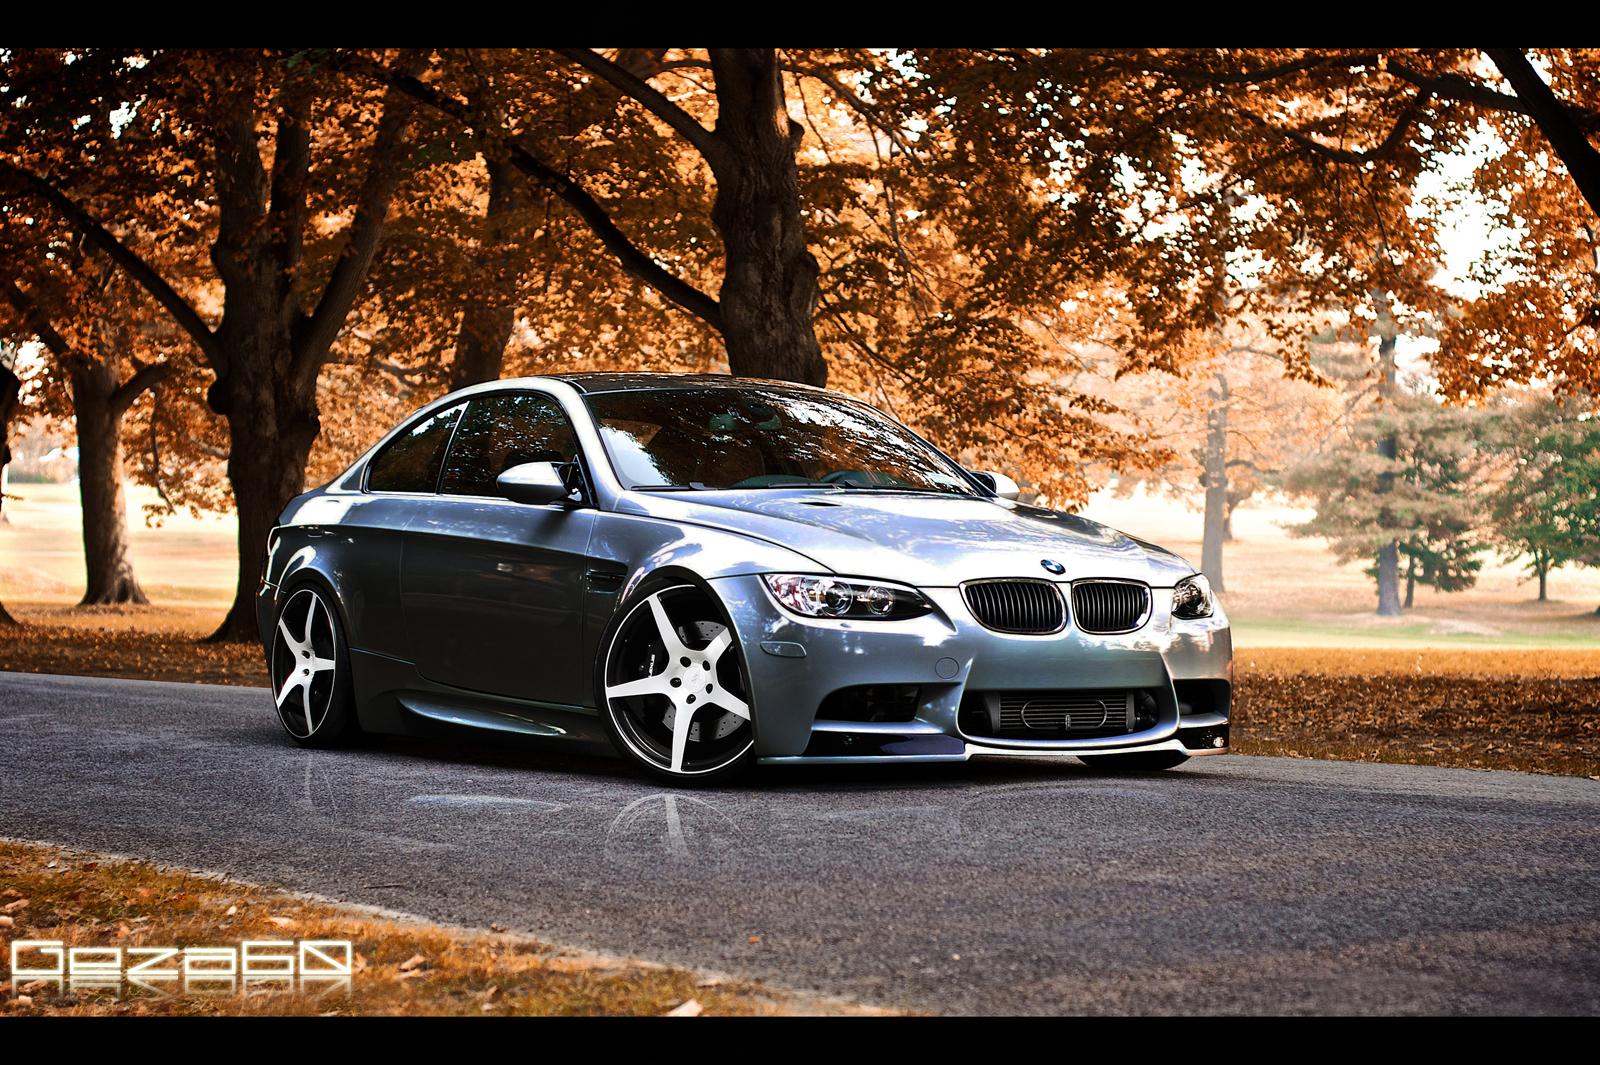 BMW M3 by Geza60